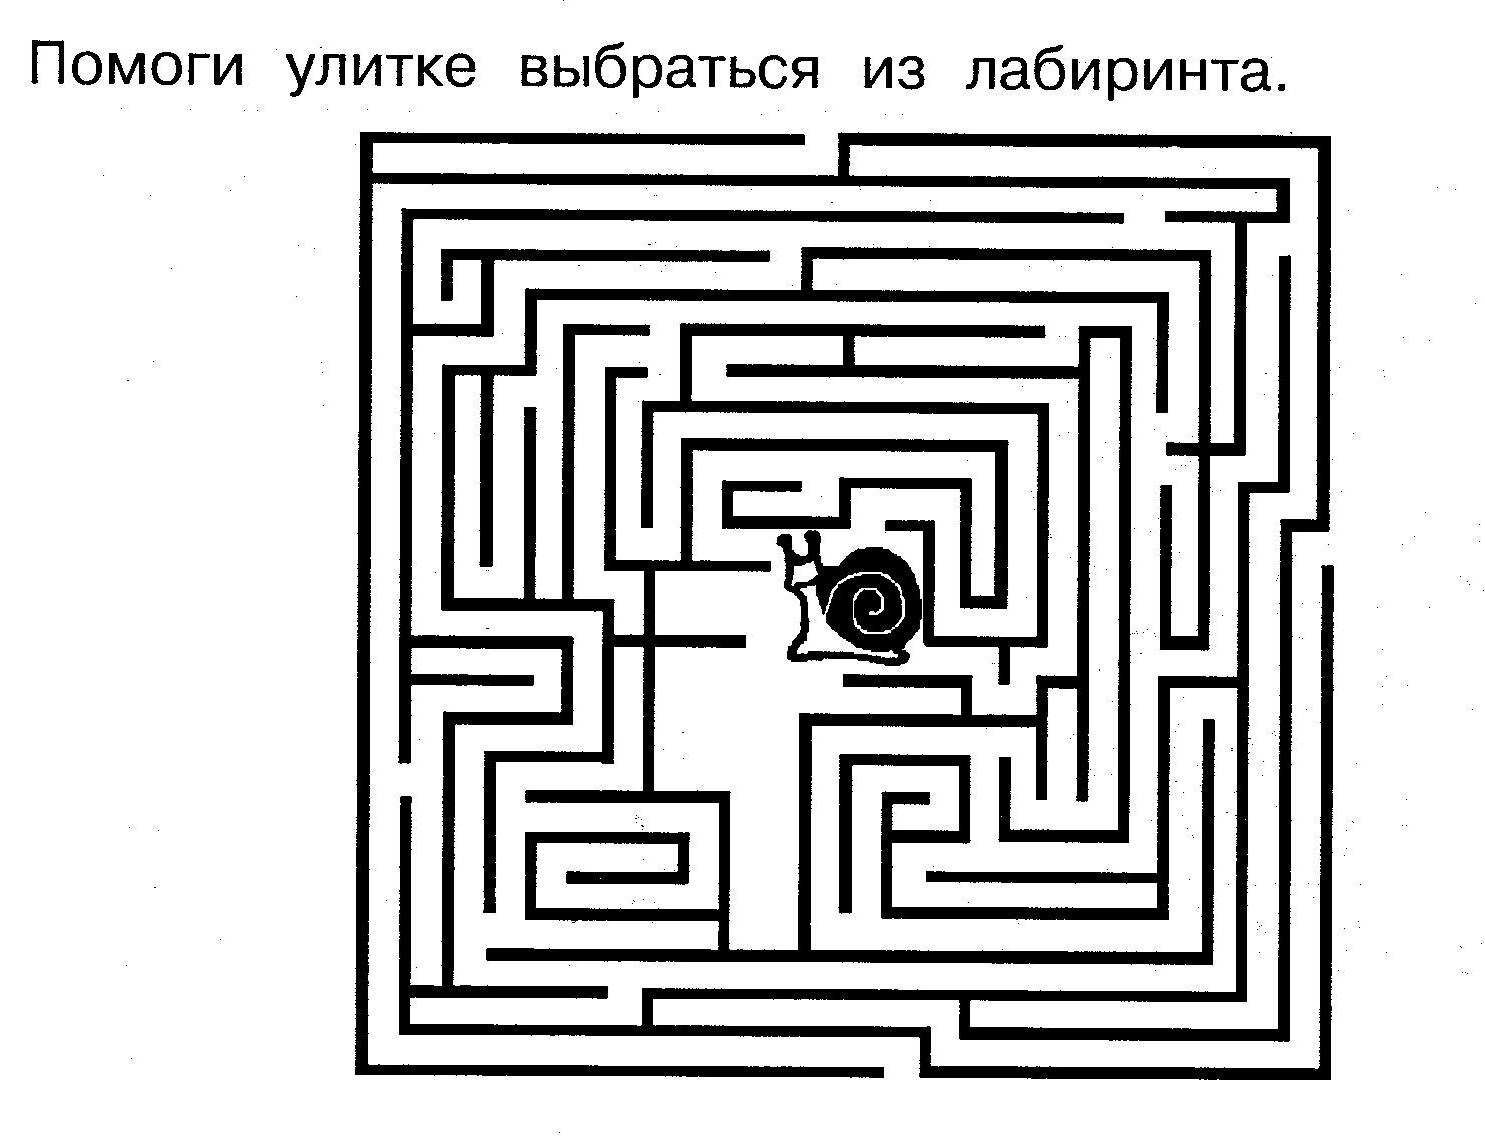 упражнение лабиринт картинки